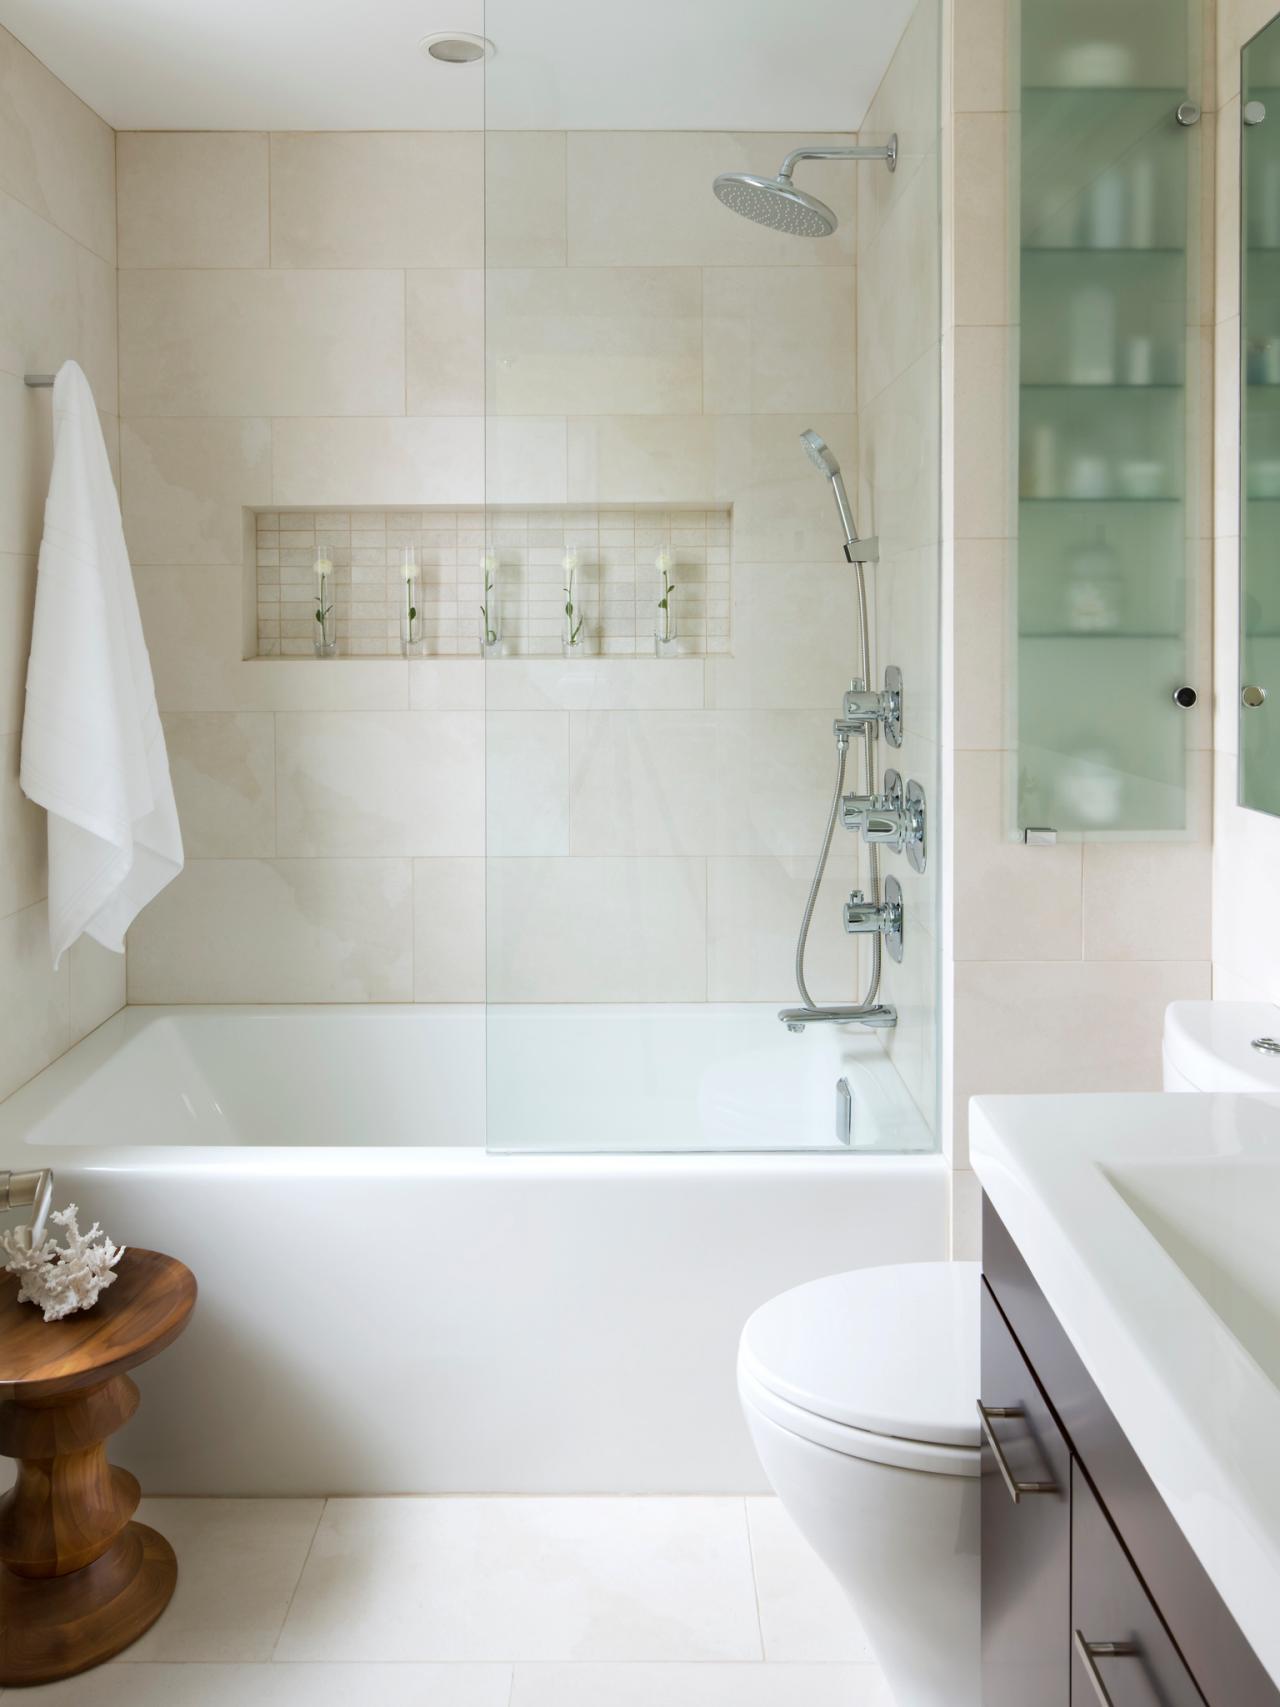 small bathroom ideas declutter countertops JRSXPQO